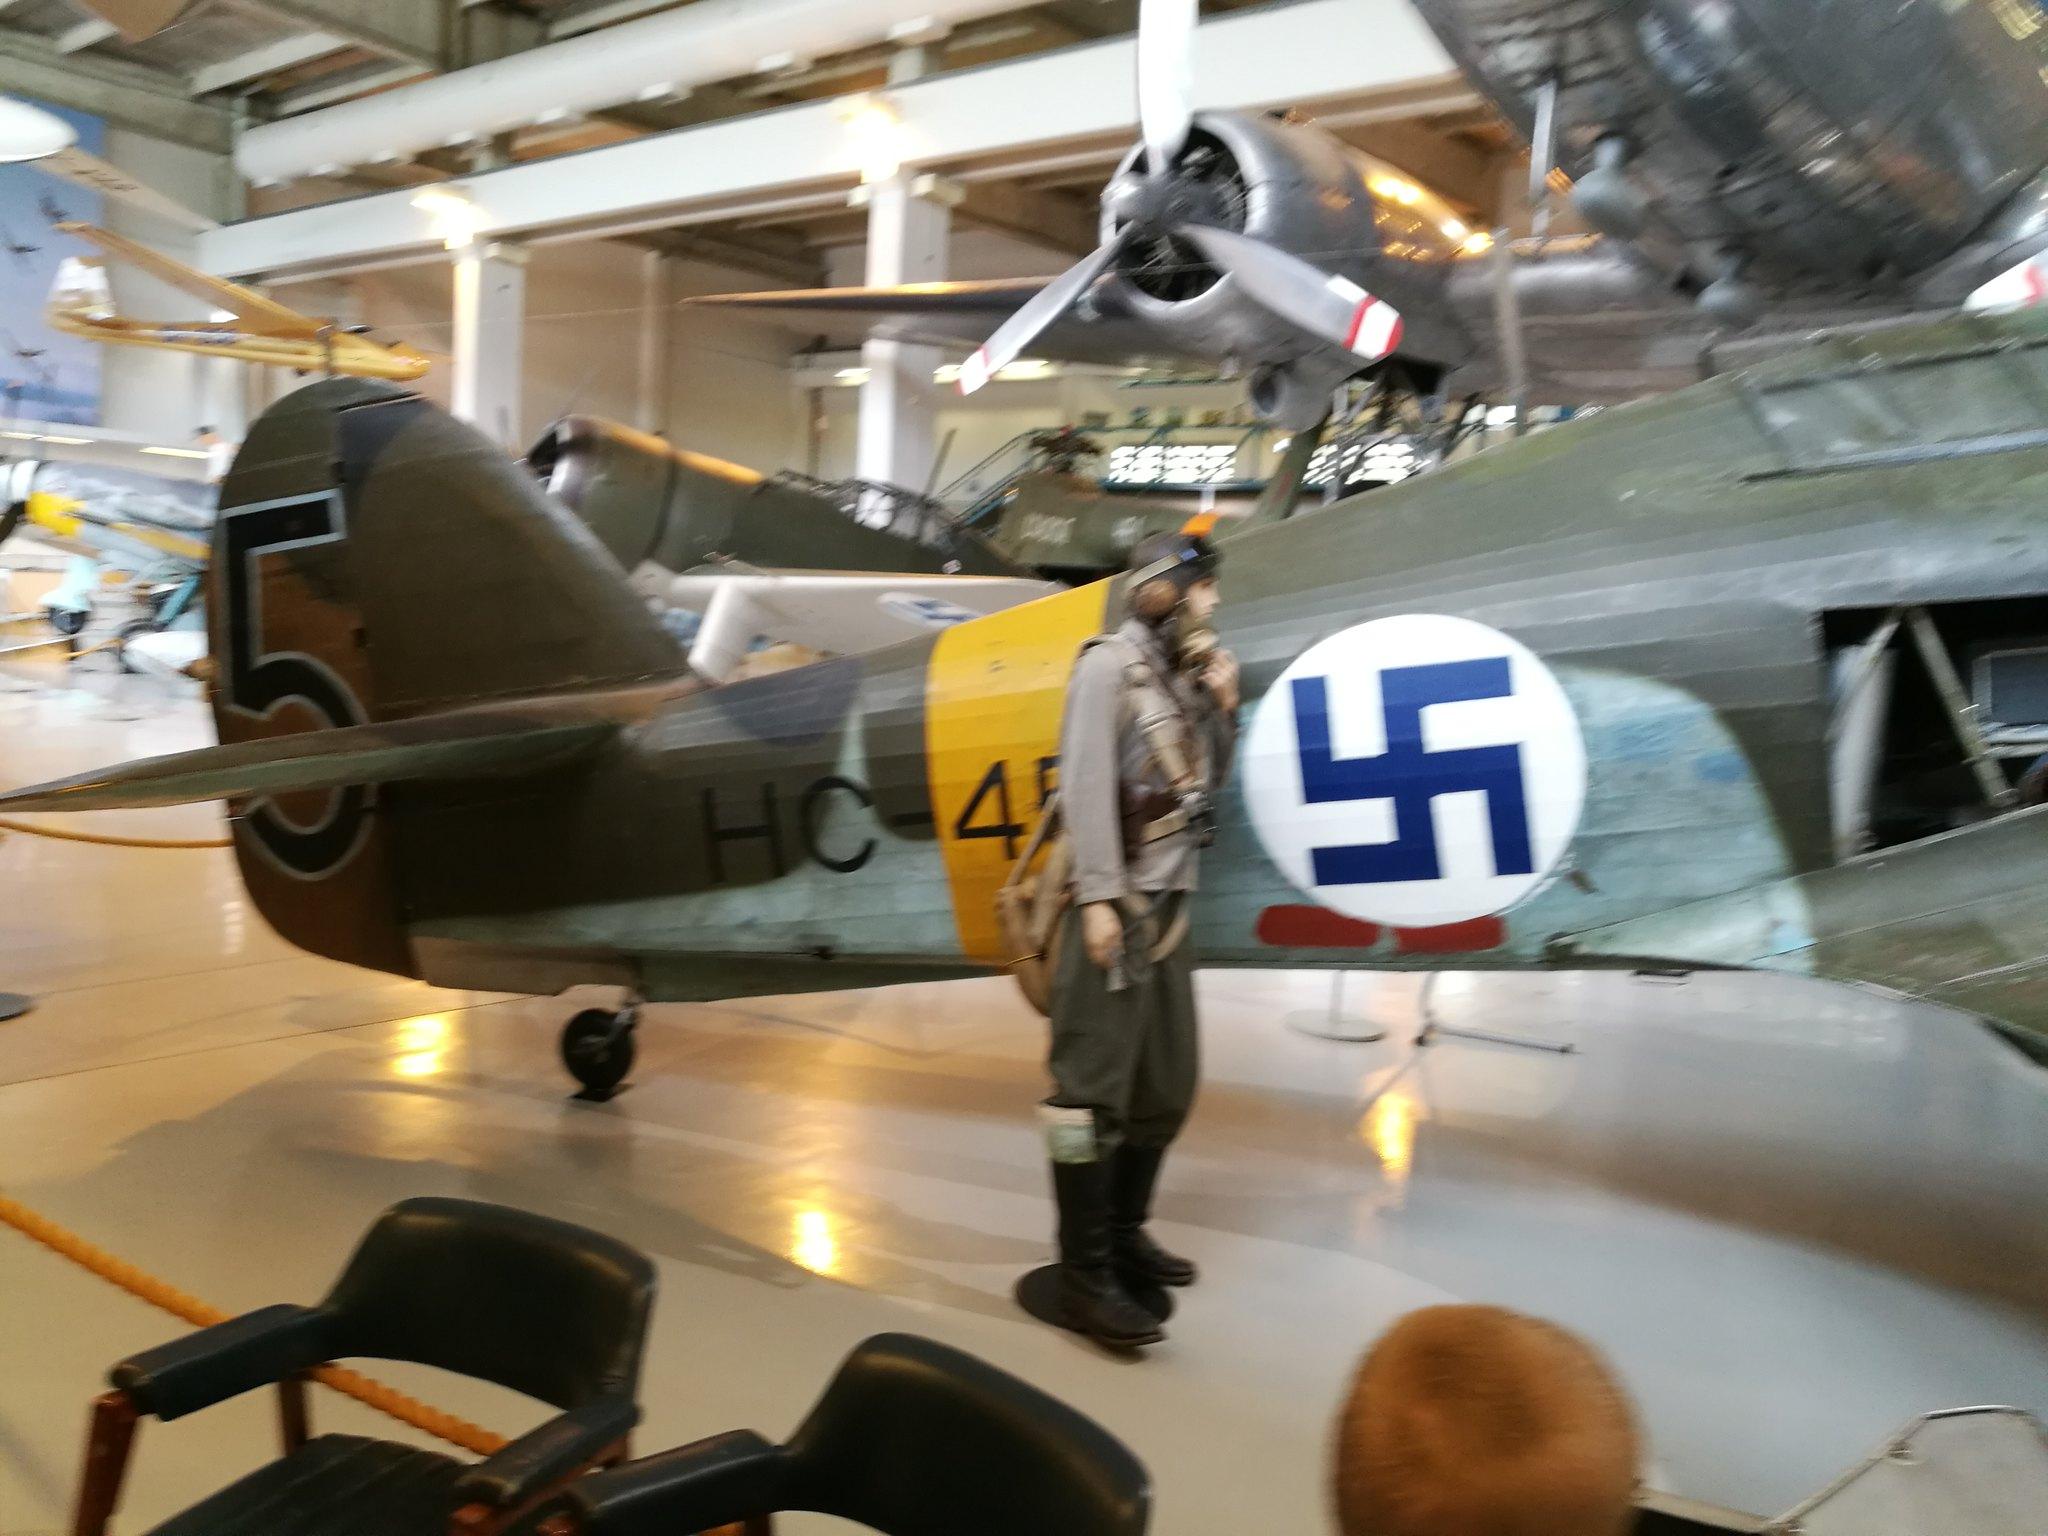 Hemkommen från semester i Finland med utflykt till Finlands Flygvapenmuseum. 48287385851_20b1ca132d_k